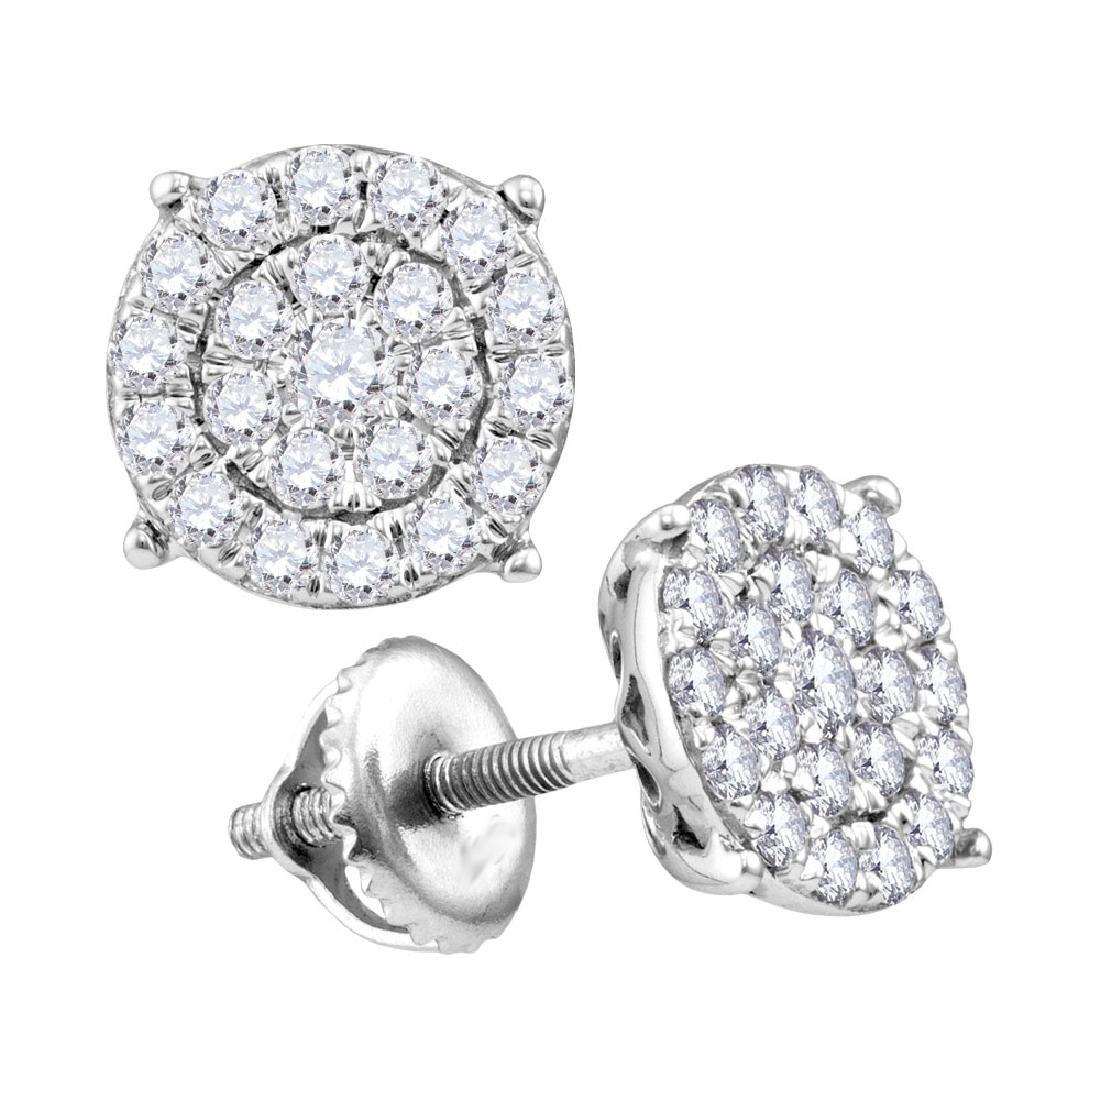 0.25 CTW Diamond Cluster Earrings 10KT White Gold -